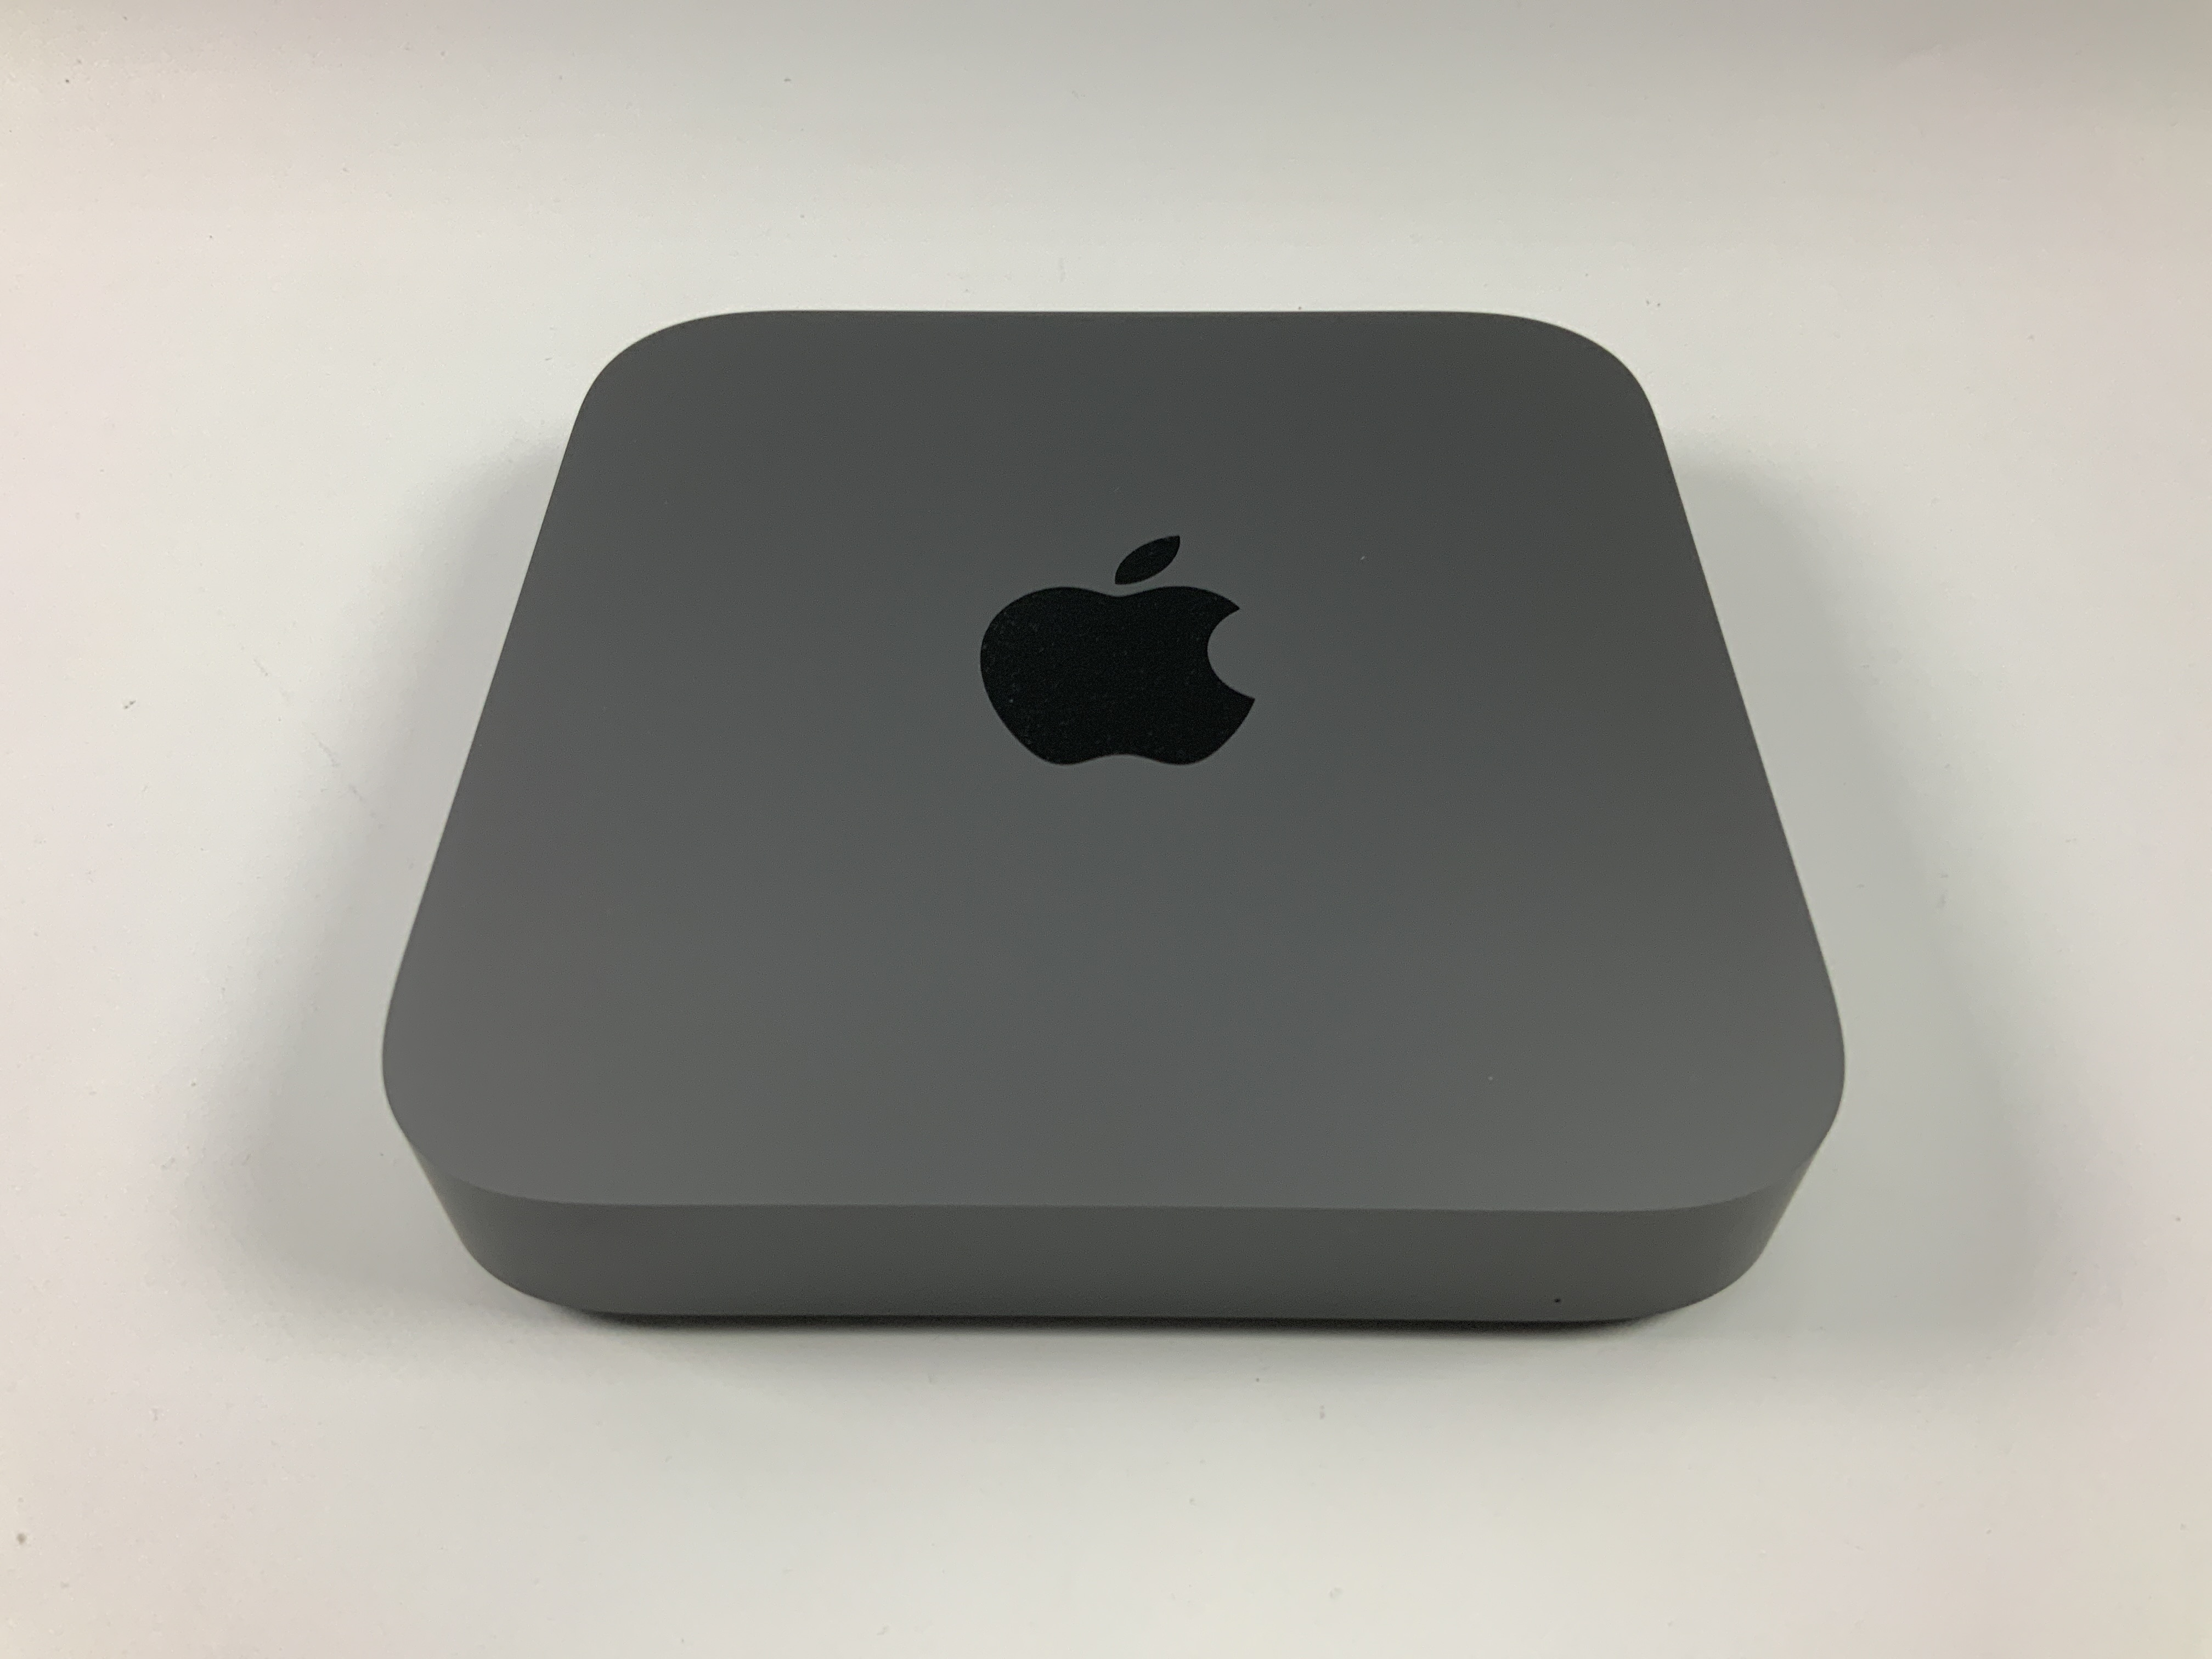 Mac Mini Late 2018 (Intel 6-Core i5 3.0 GHz 32 GB RAM 512 GB SSD), Intel 6-Core i5 3.0 GHz, 32 GB RAM, 512 GB SSD, Bild 2